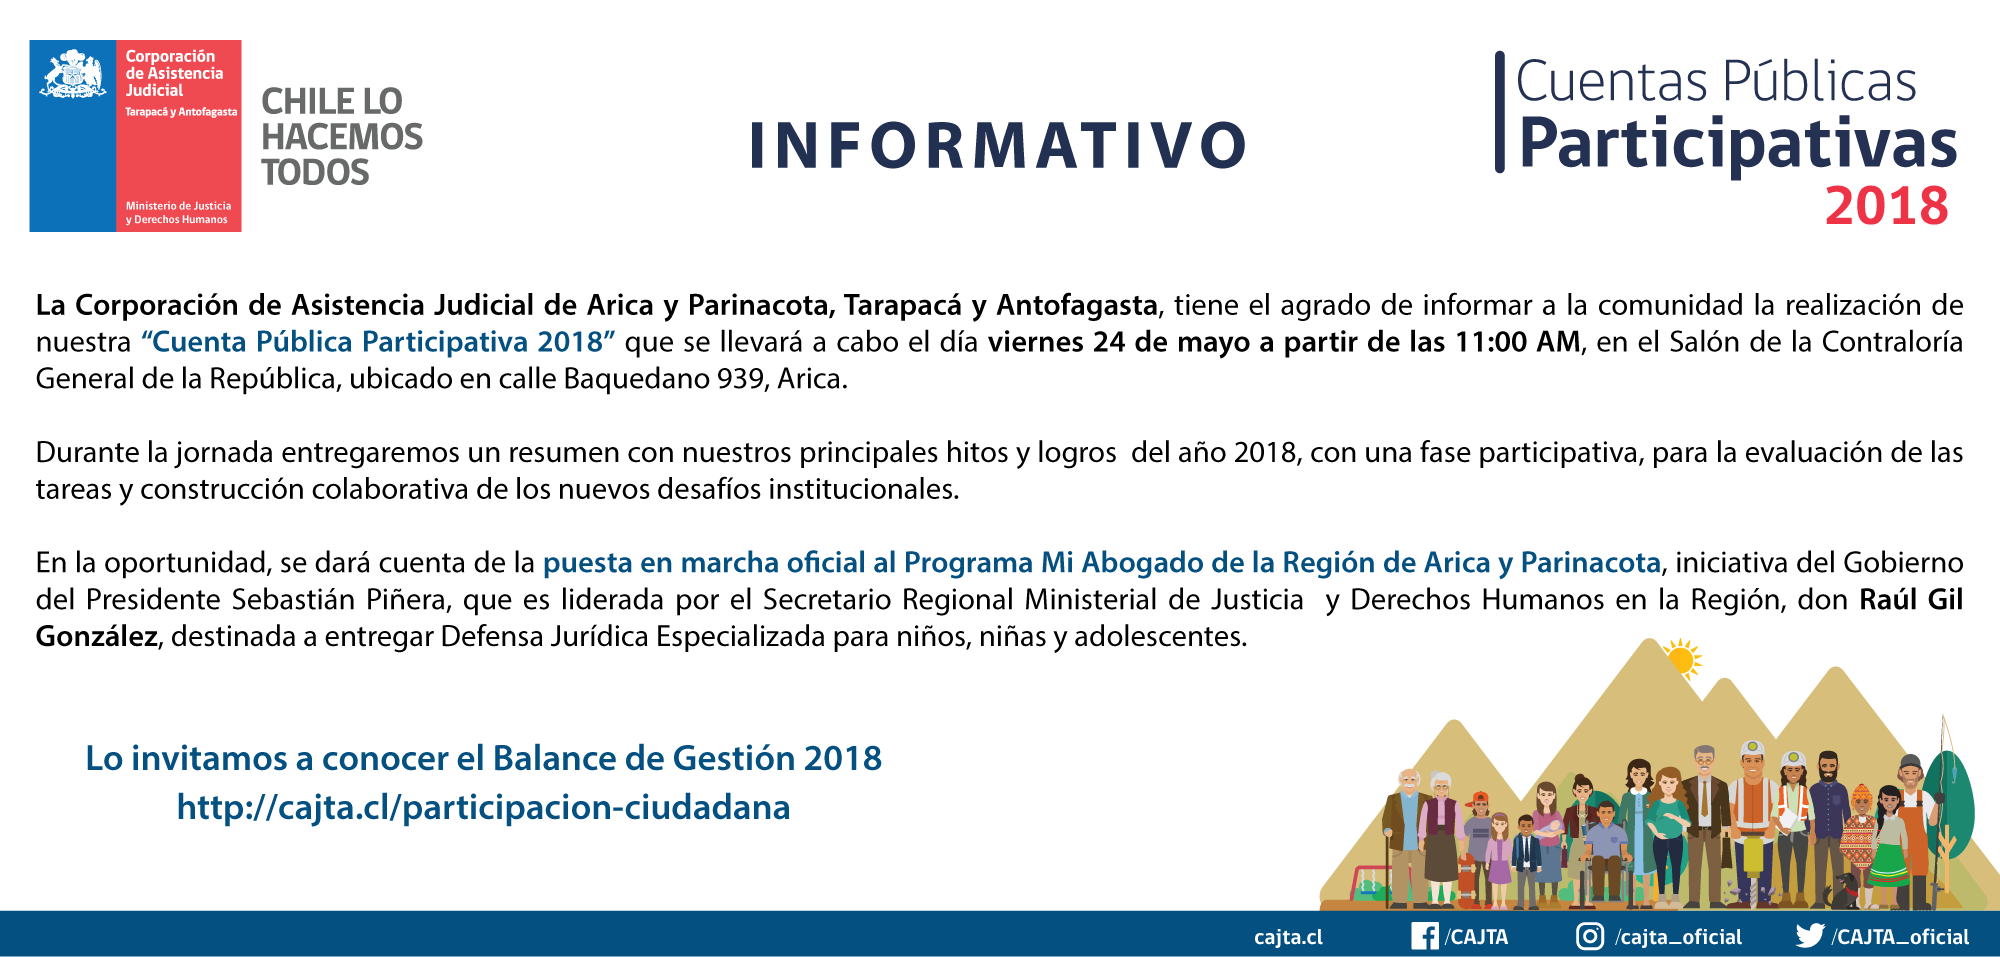 Informativo Cuenta Pública Participativa 2018